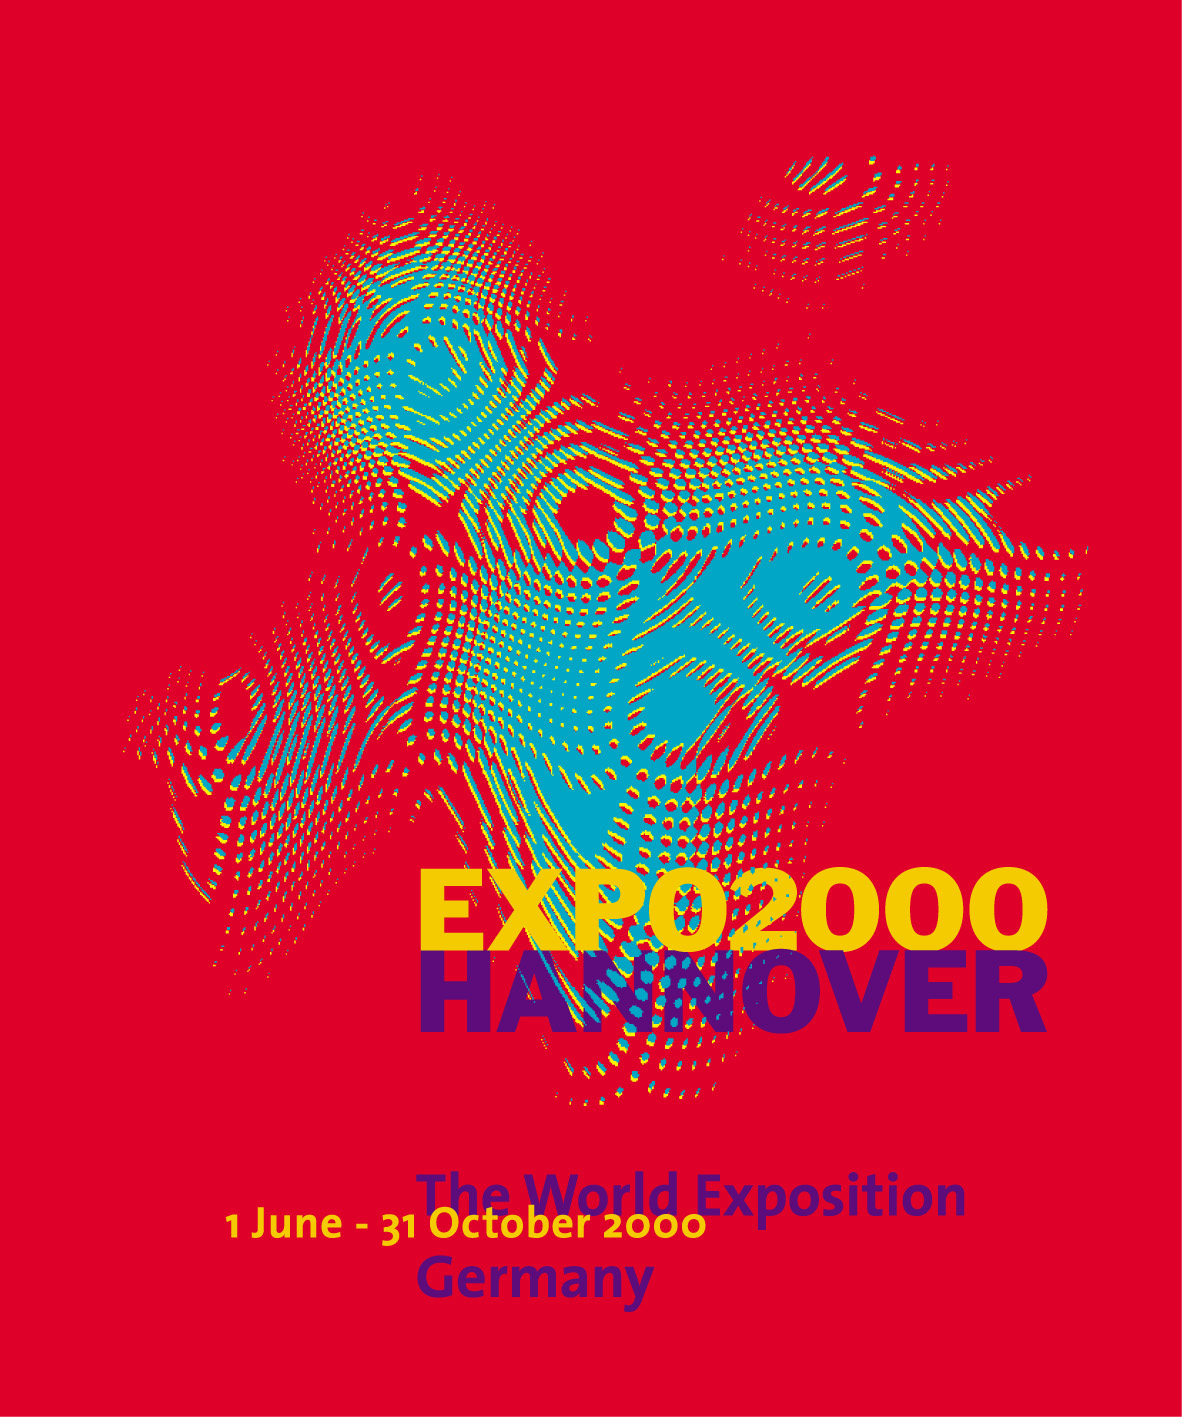 ofizielle_logos_der_expo_2000_11_20140623_1834819872.jpg